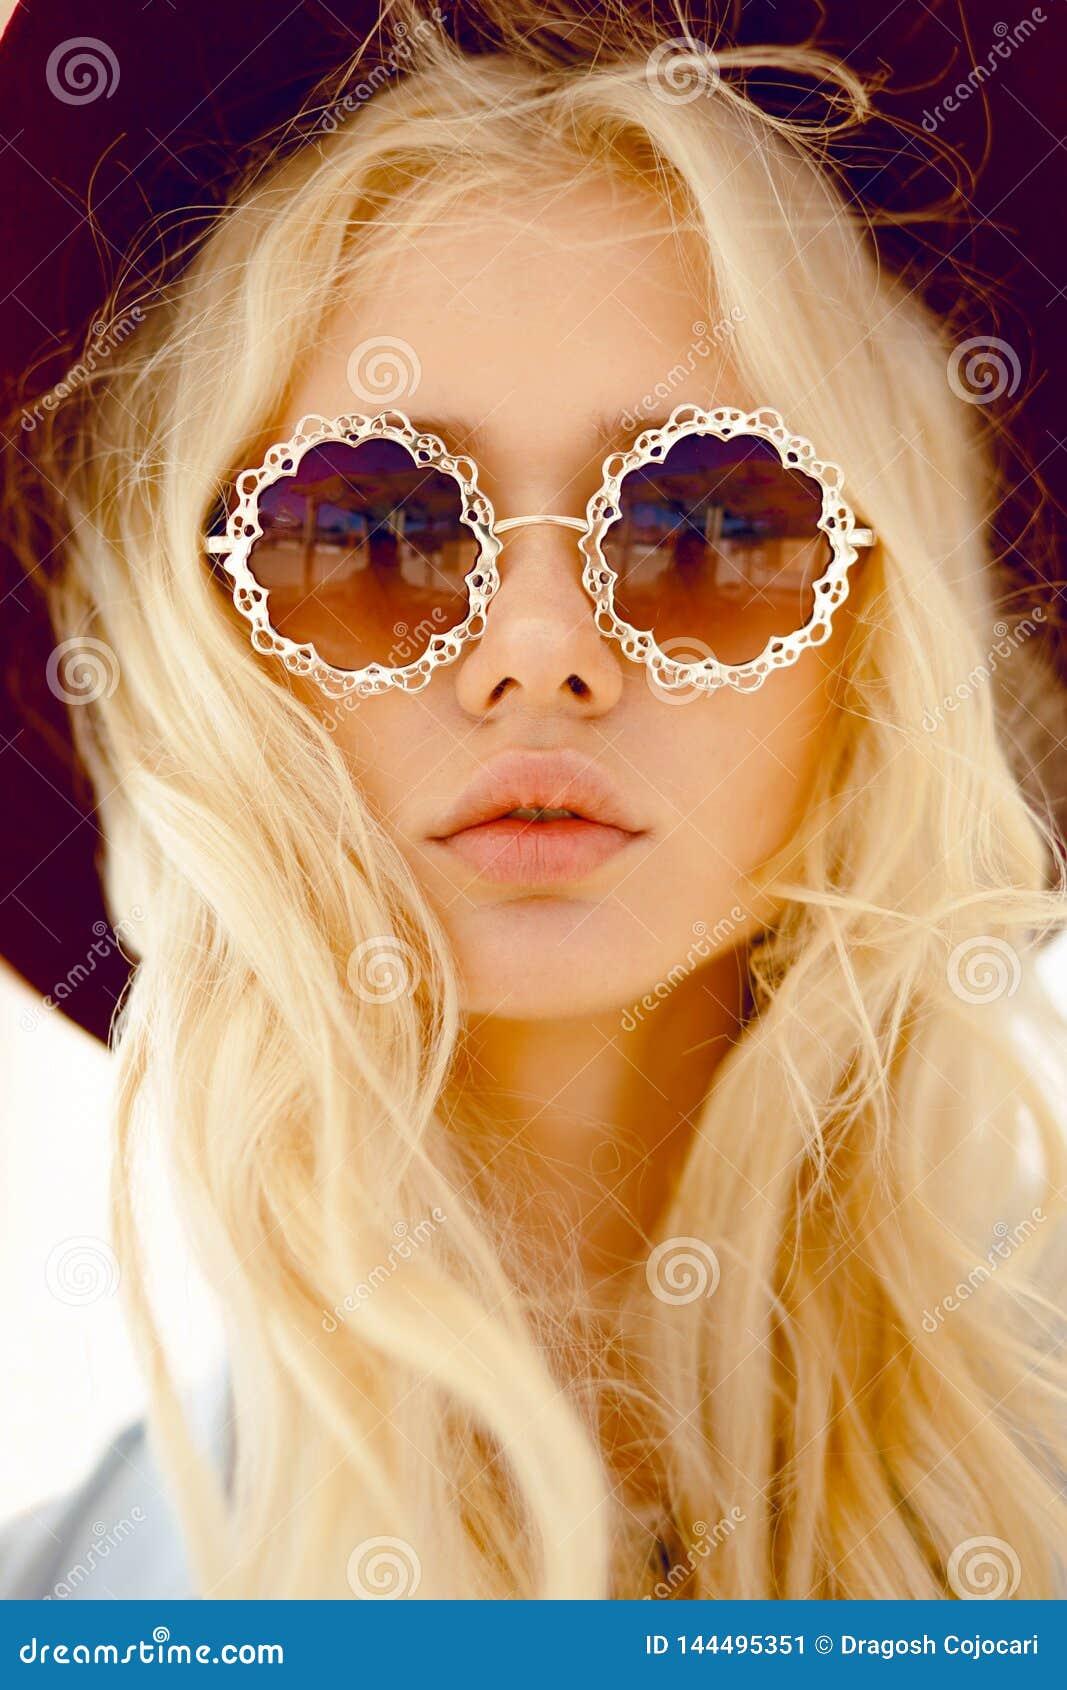 Πορτρέτο ομορφιάς προκλητικού ενός ξανθού με στρογγυλά floral eyeglasses, μεγάλα χείλια, κυματιστά τρίχα και burgundy καπέλο, που